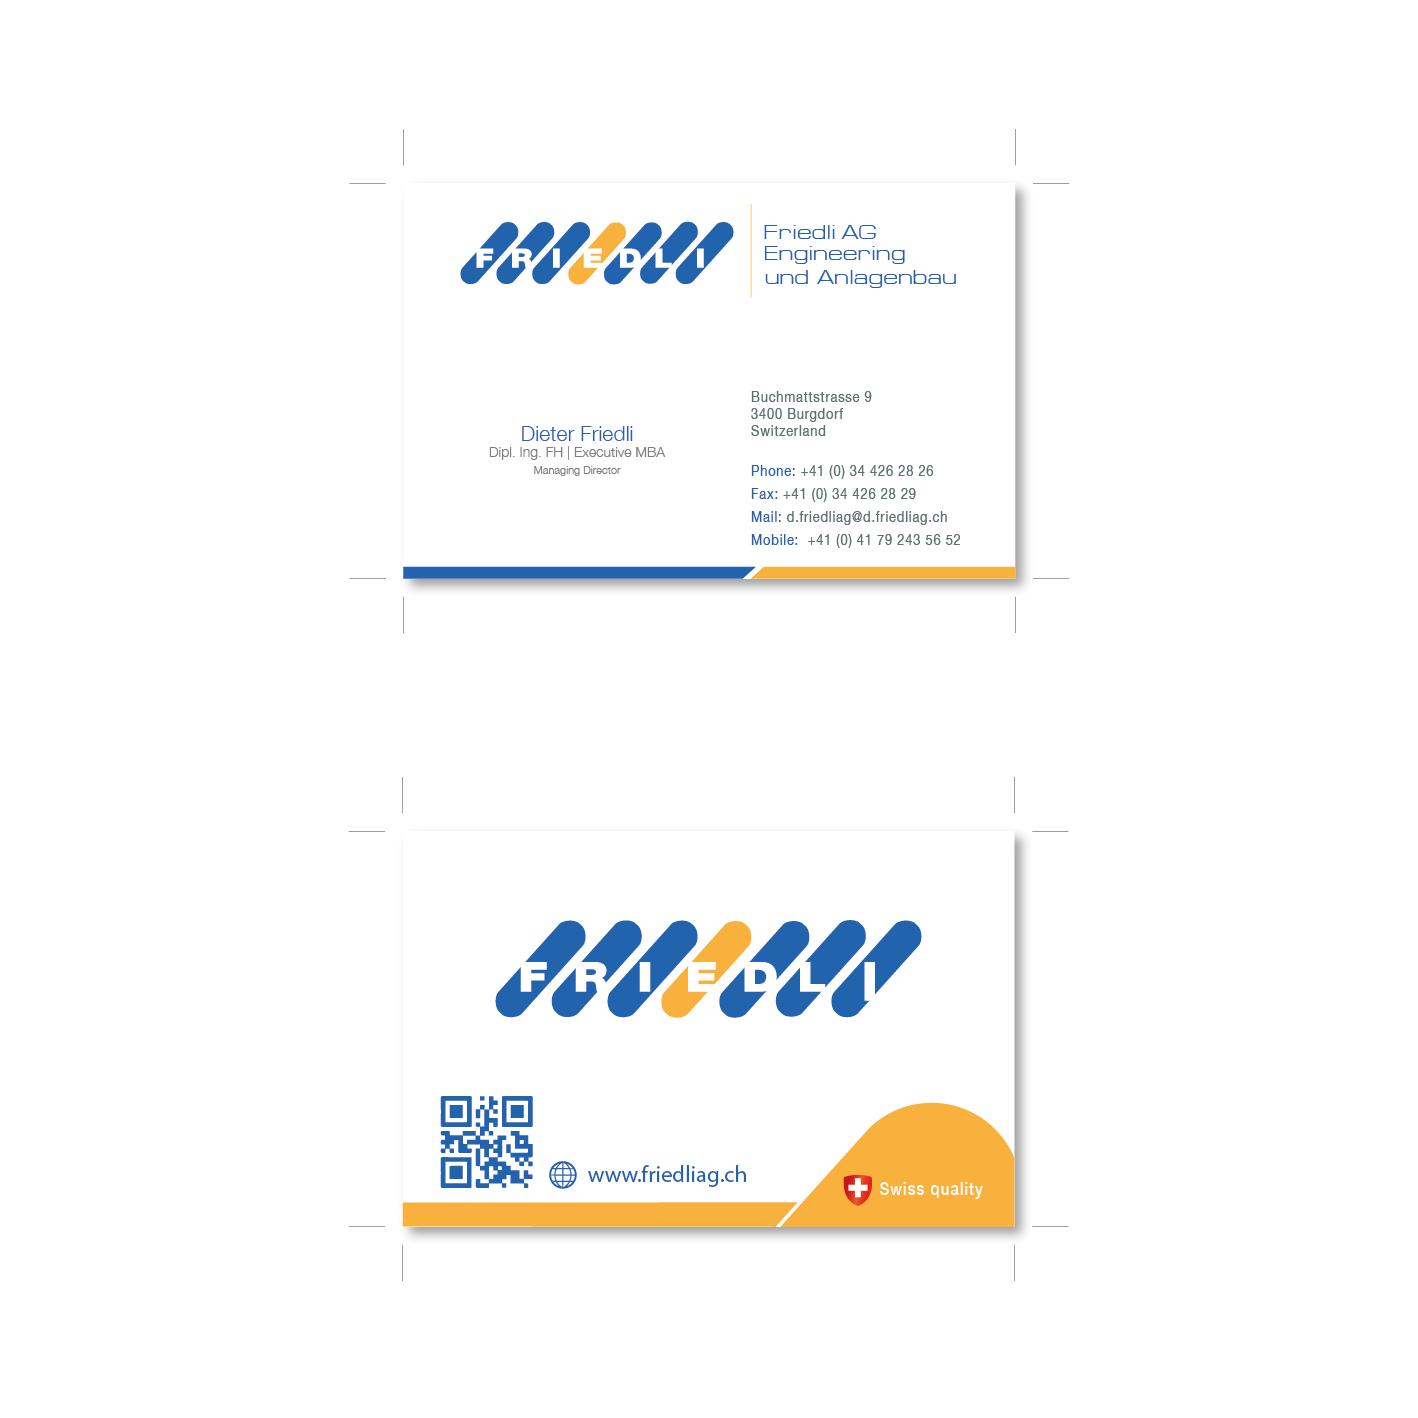 Visitenkarten Design Für Engineering Unternehmen Business